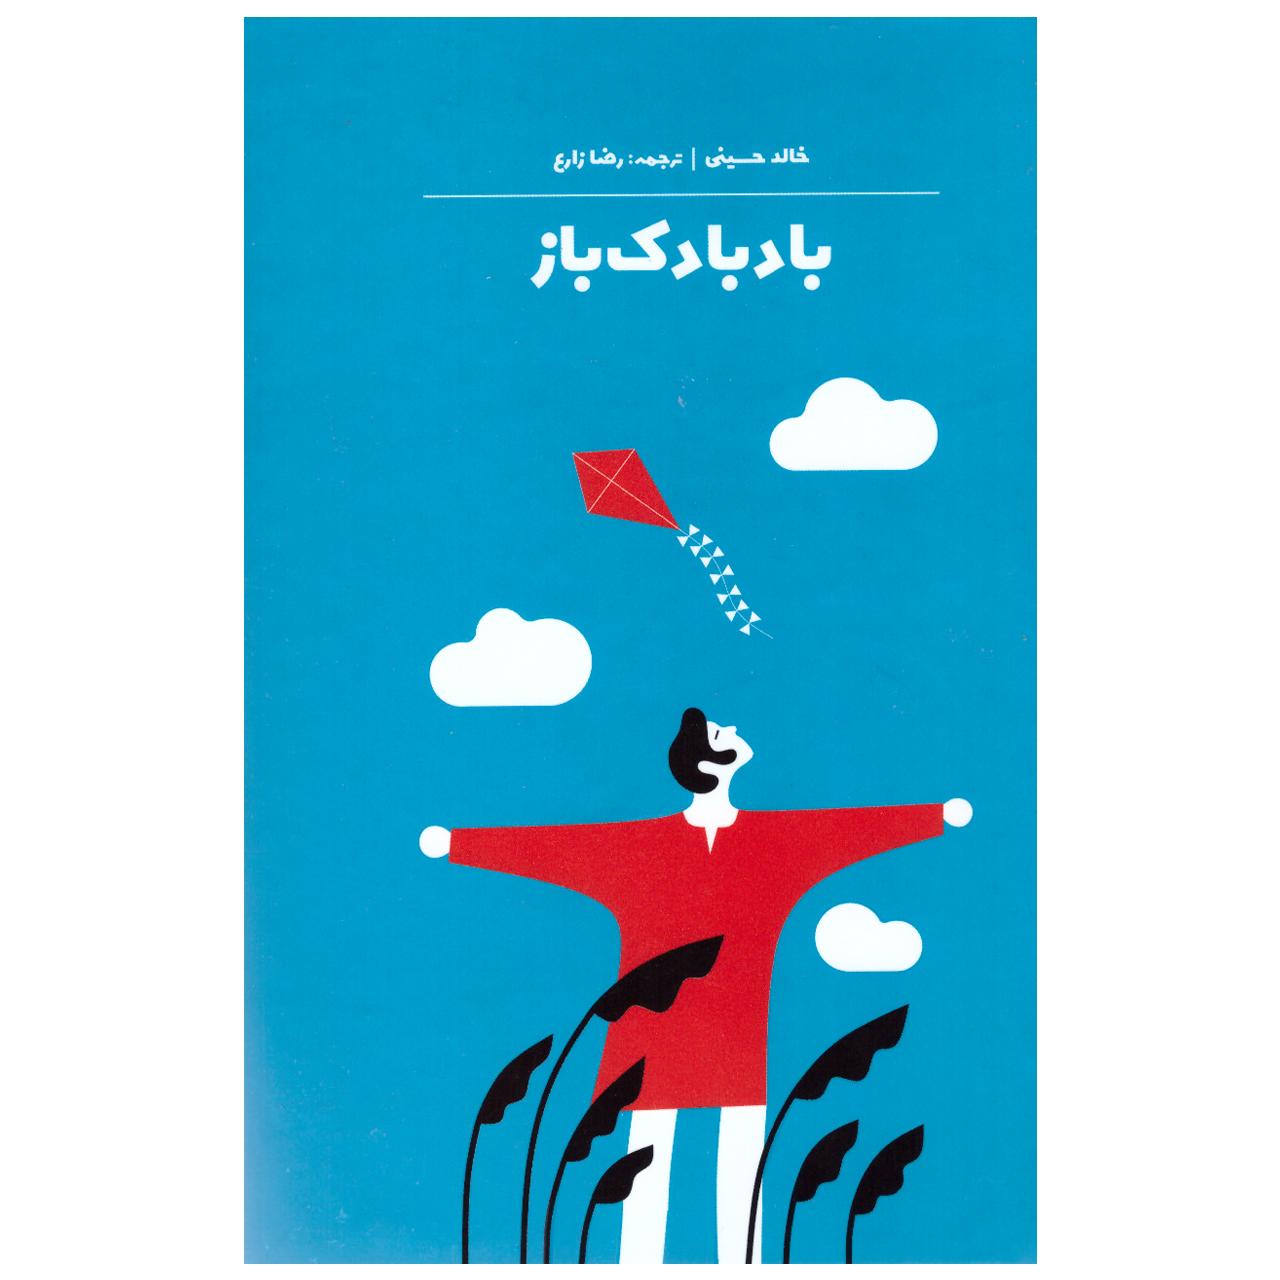 کتاب بادبادک باز اثر خالد حسینی نشر جهان کتاب